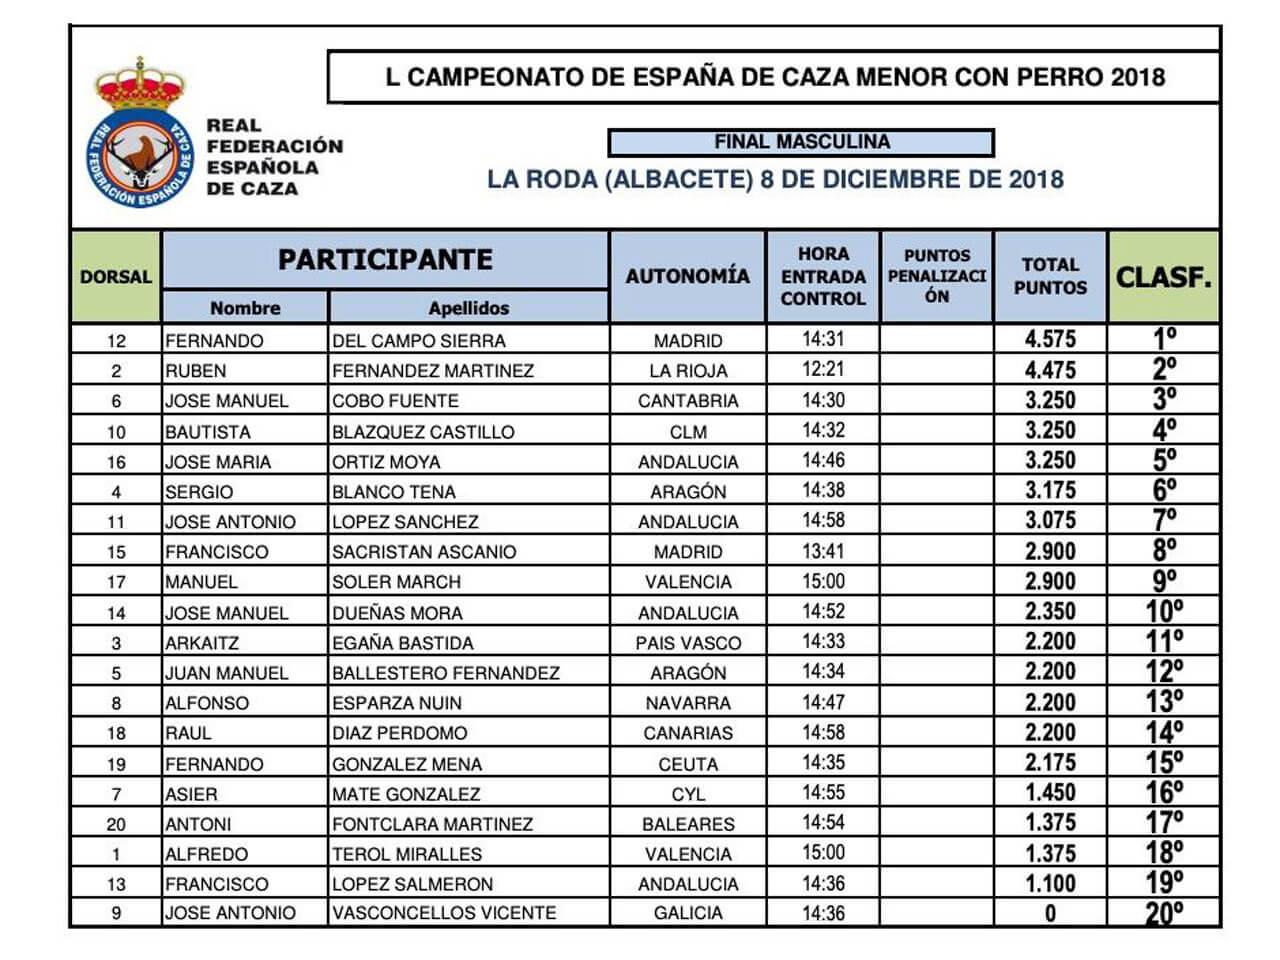 Campeonato de España de Caza Menor con perro 2018